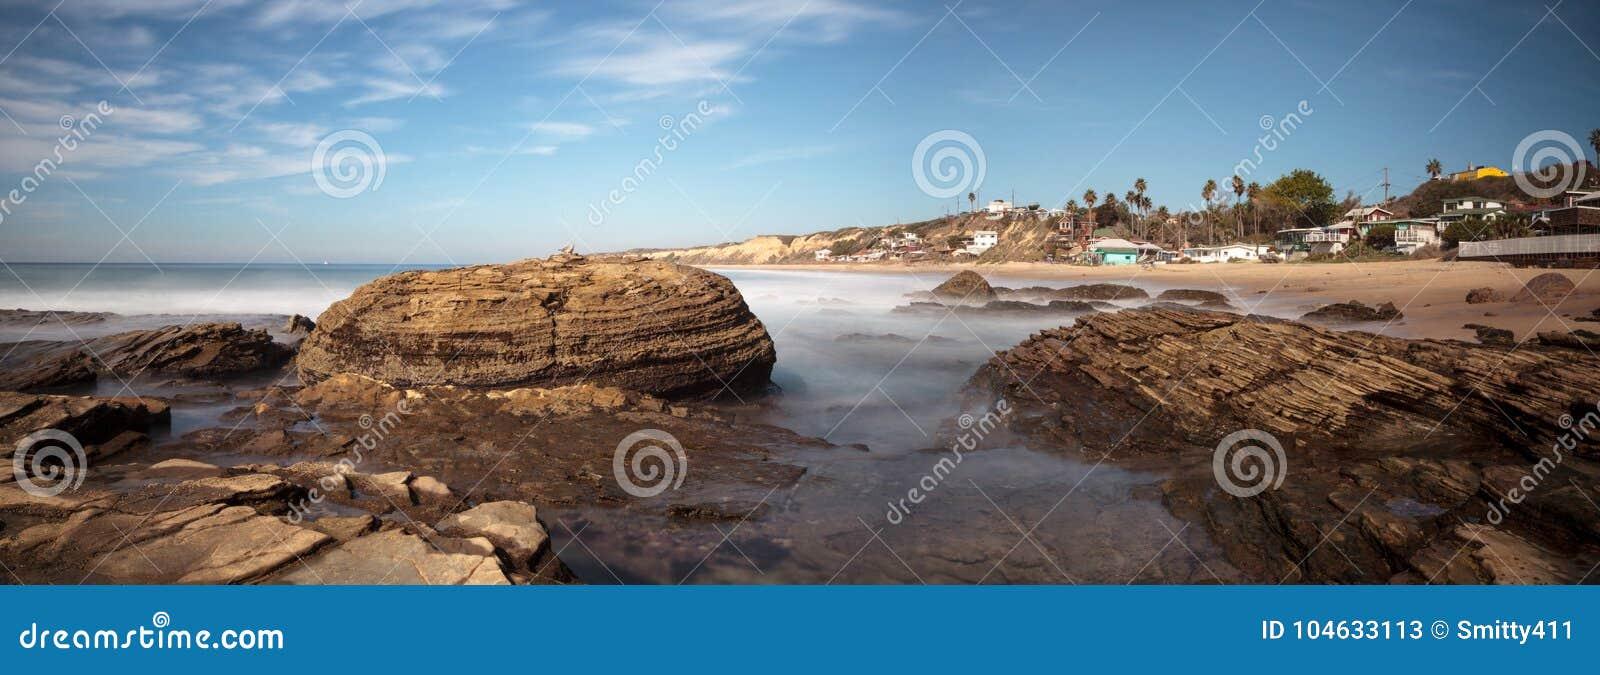 Download Rotsachtige Kust Met Strandplattelandshuisjes Die Crystal Cove State Park B Voeren Stock Afbeelding - Afbeelding bestaande uit overzees, park: 104633113